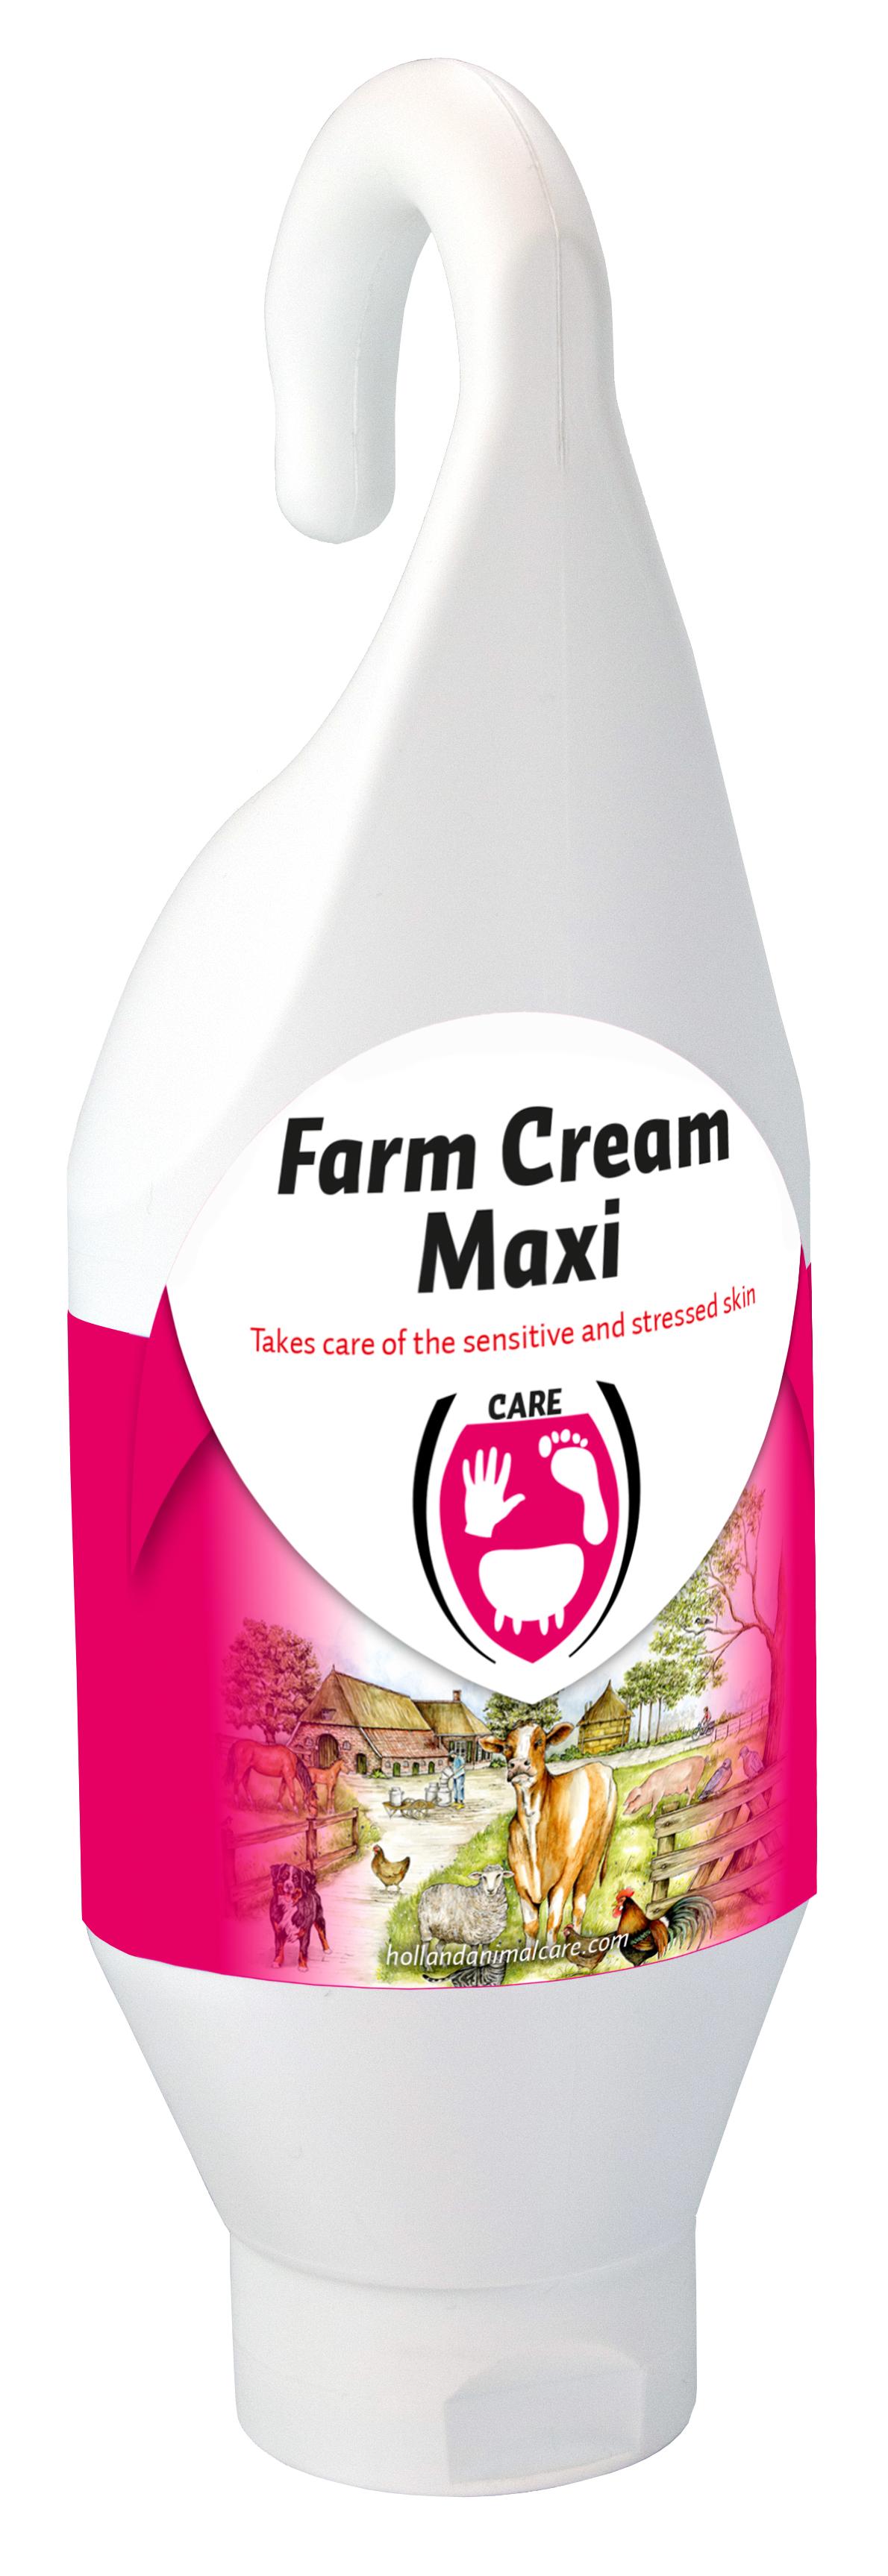 Farm Cream Maxi Sta- / Hangtube